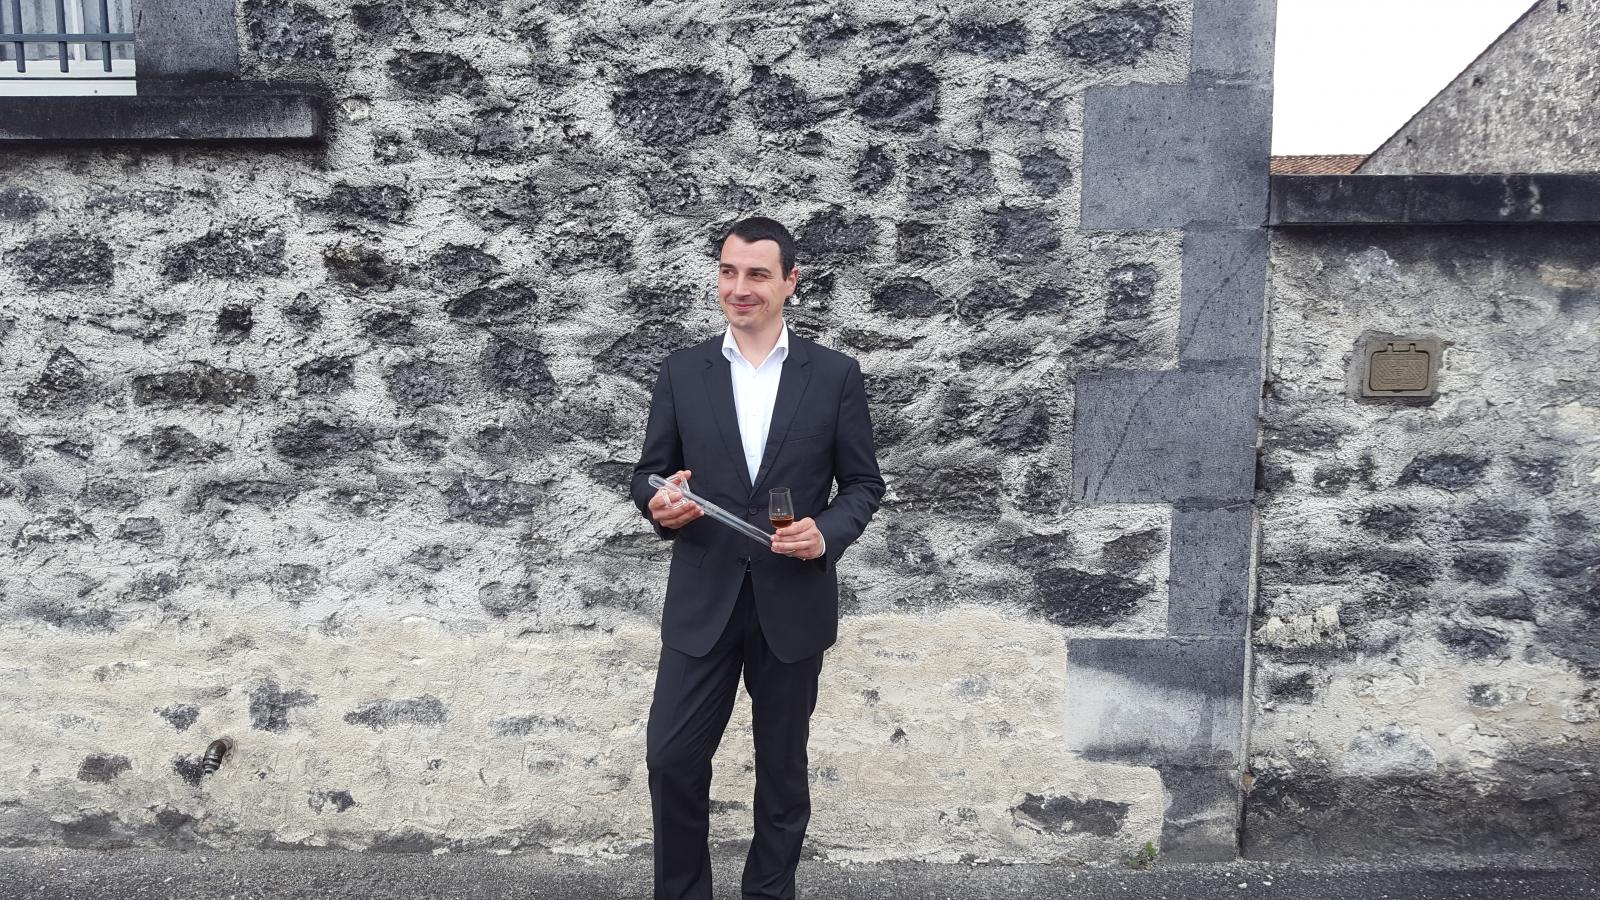 Rémy Martin cellar master, Baptiste Loiseau